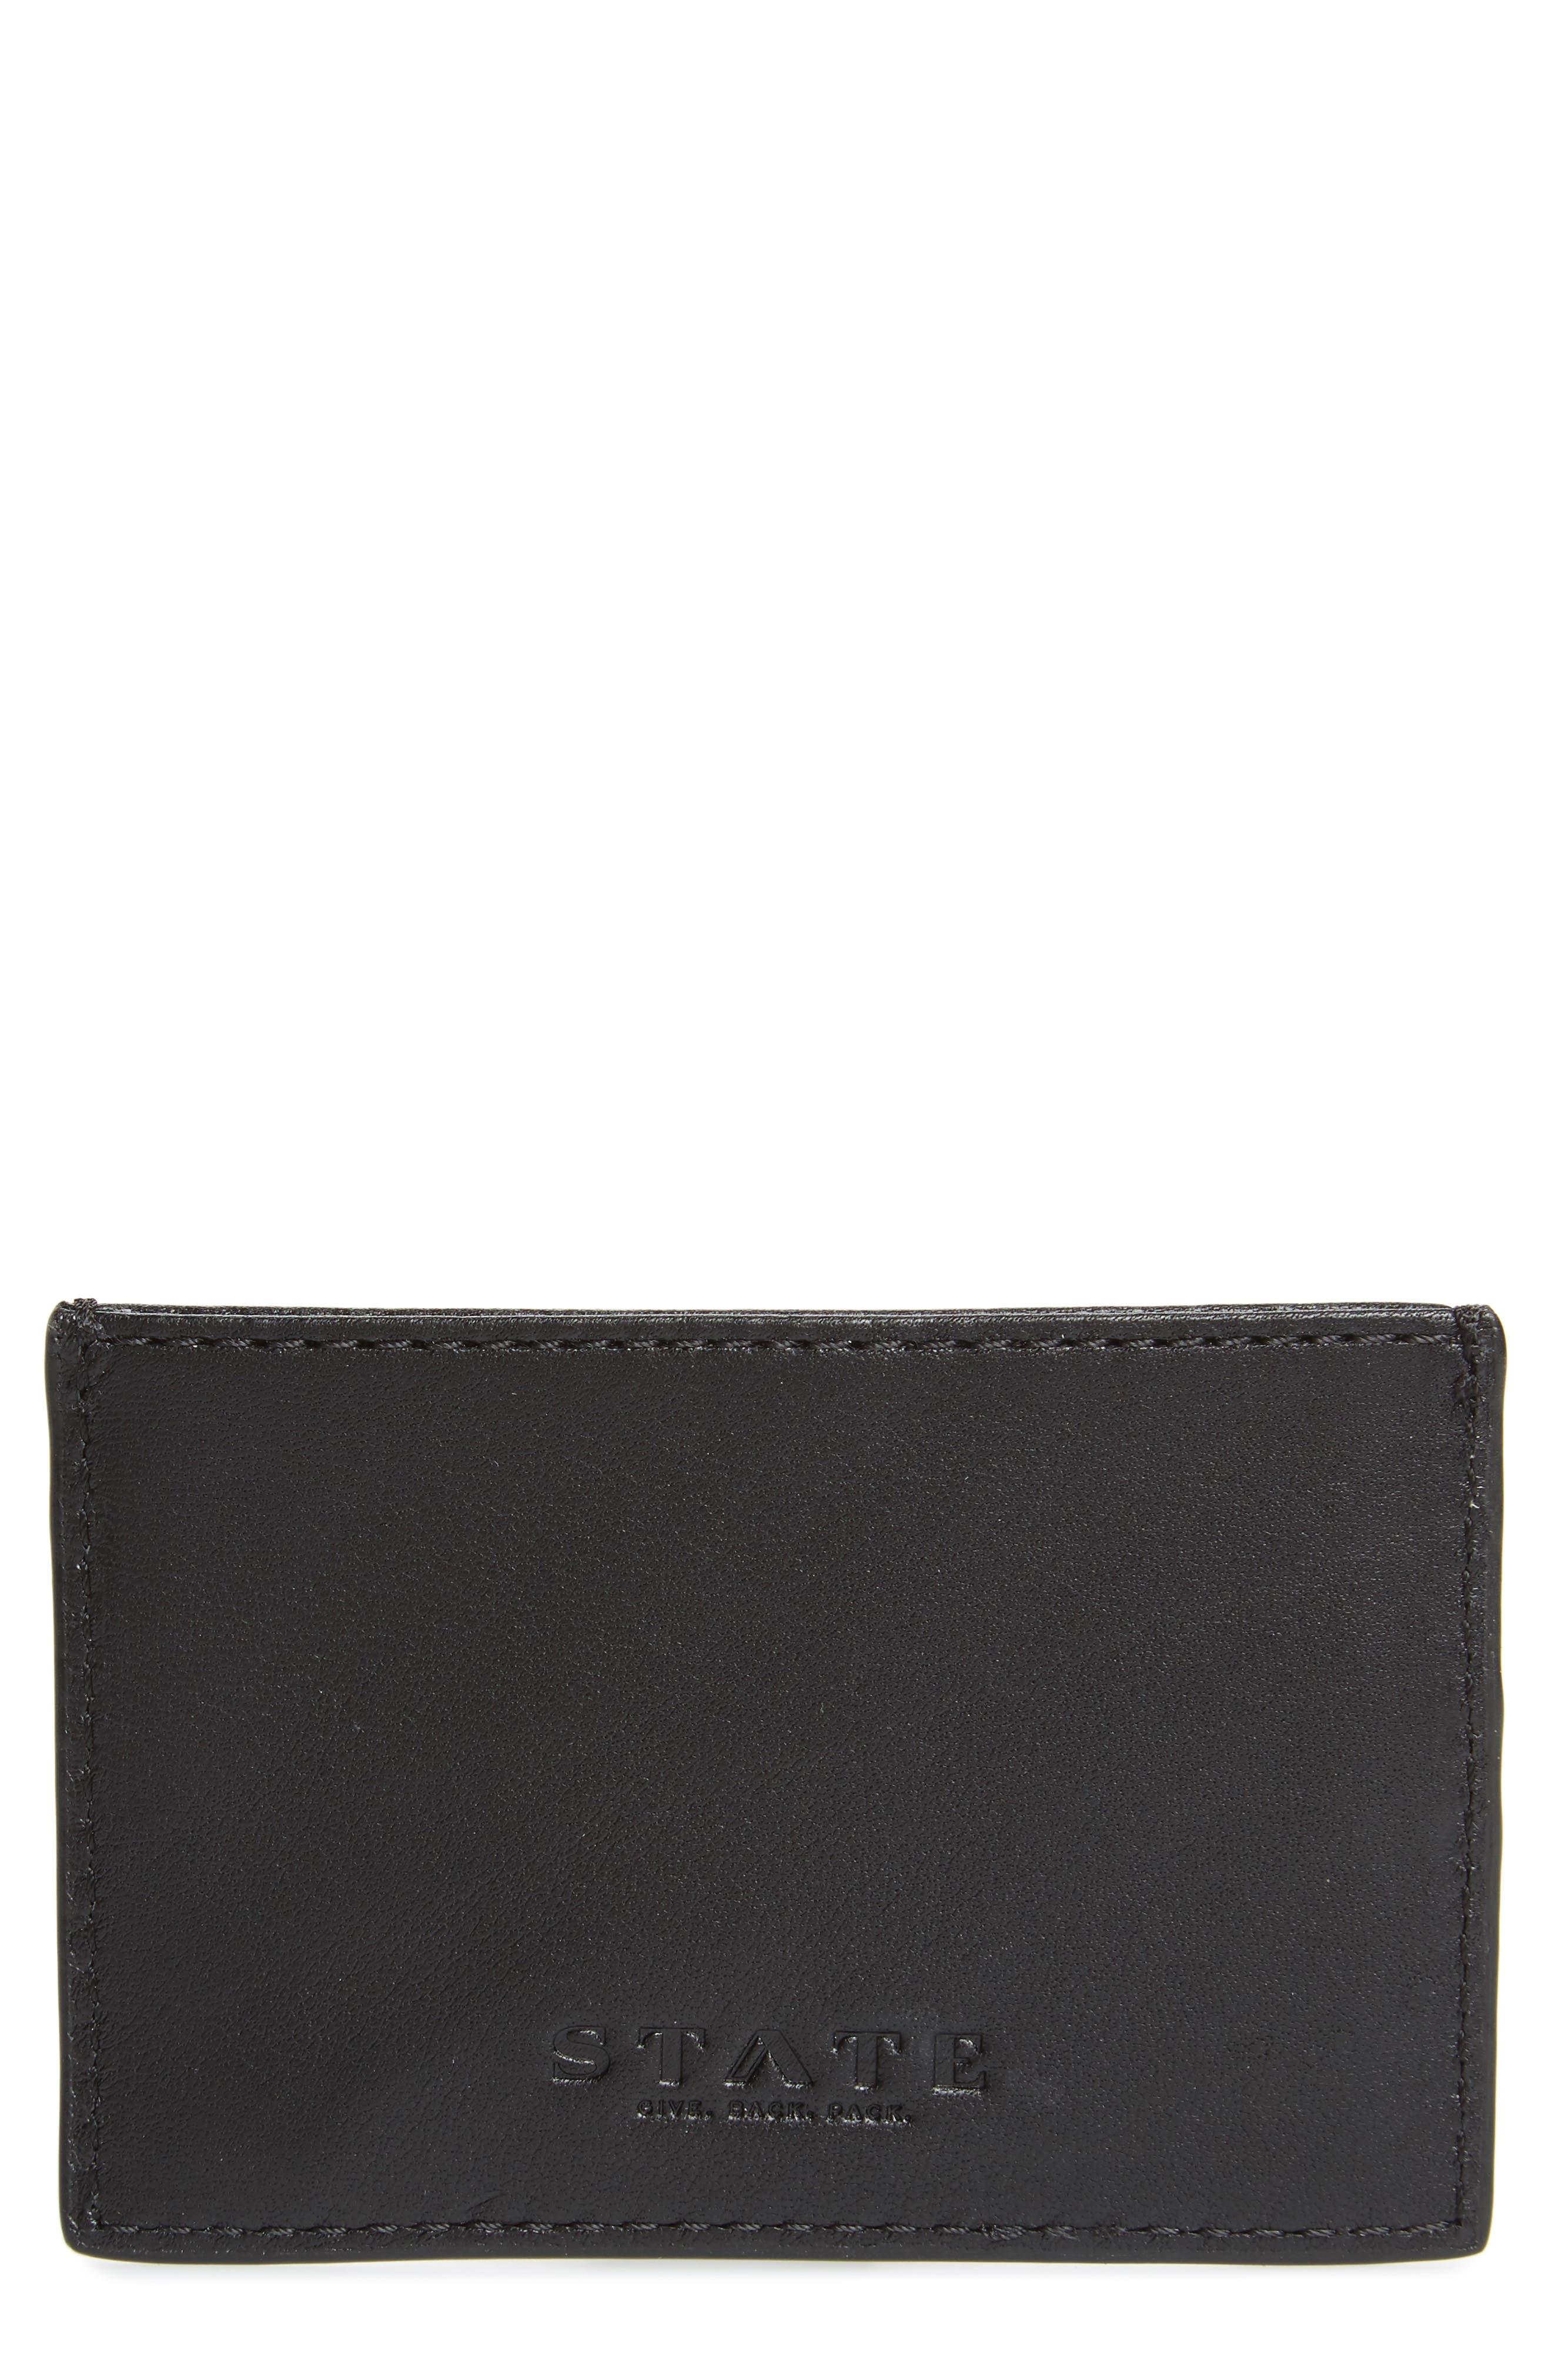 Parkville Monaco Leather Card Case,                             Main thumbnail 1, color,                             BLACK